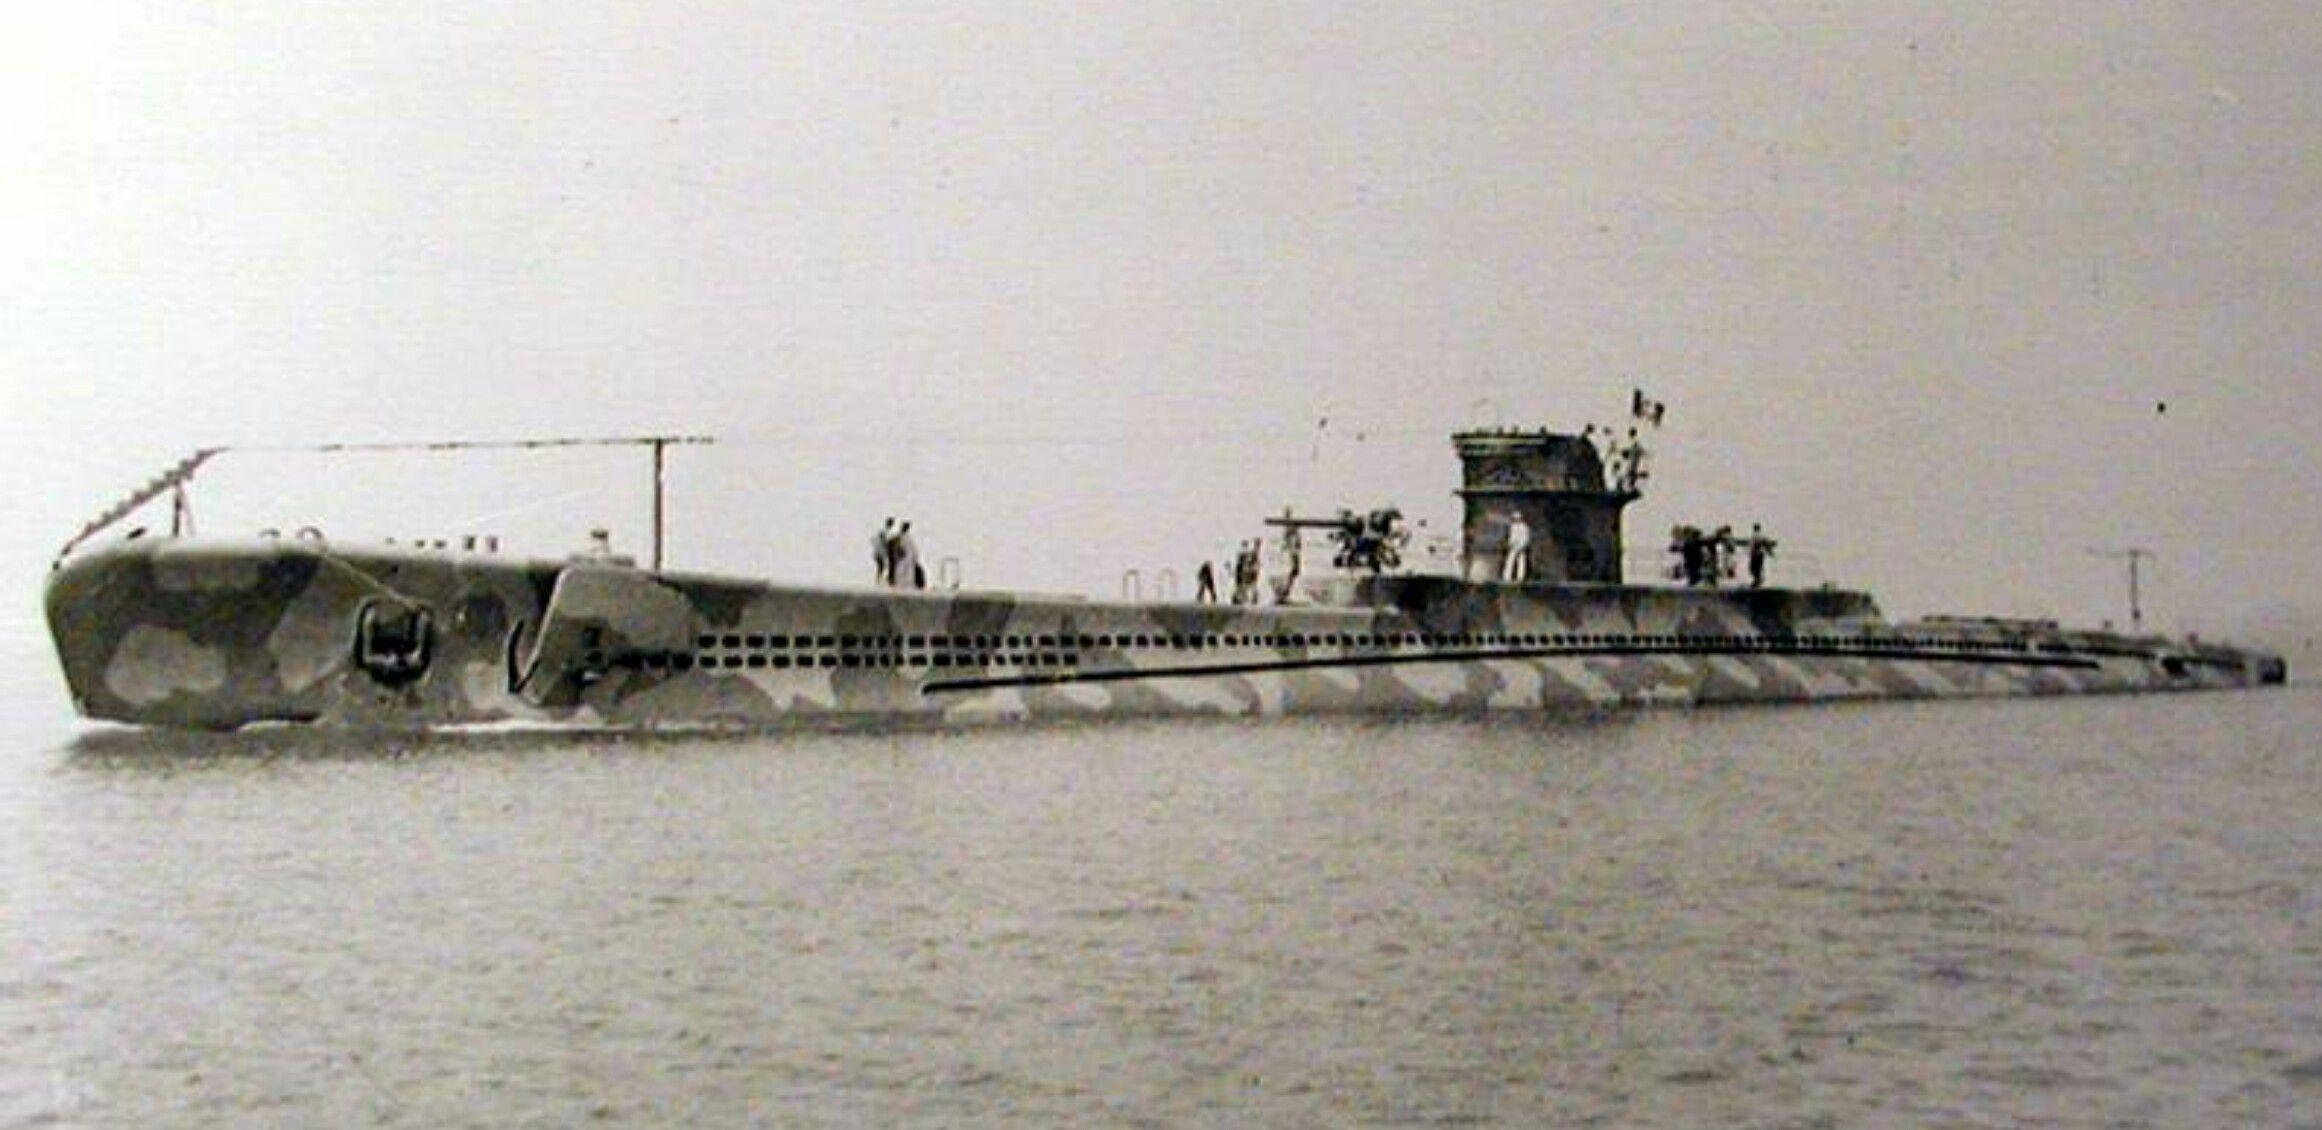 Regia Marina Submarine Ammiraglio Cagni Sottomarini Militare